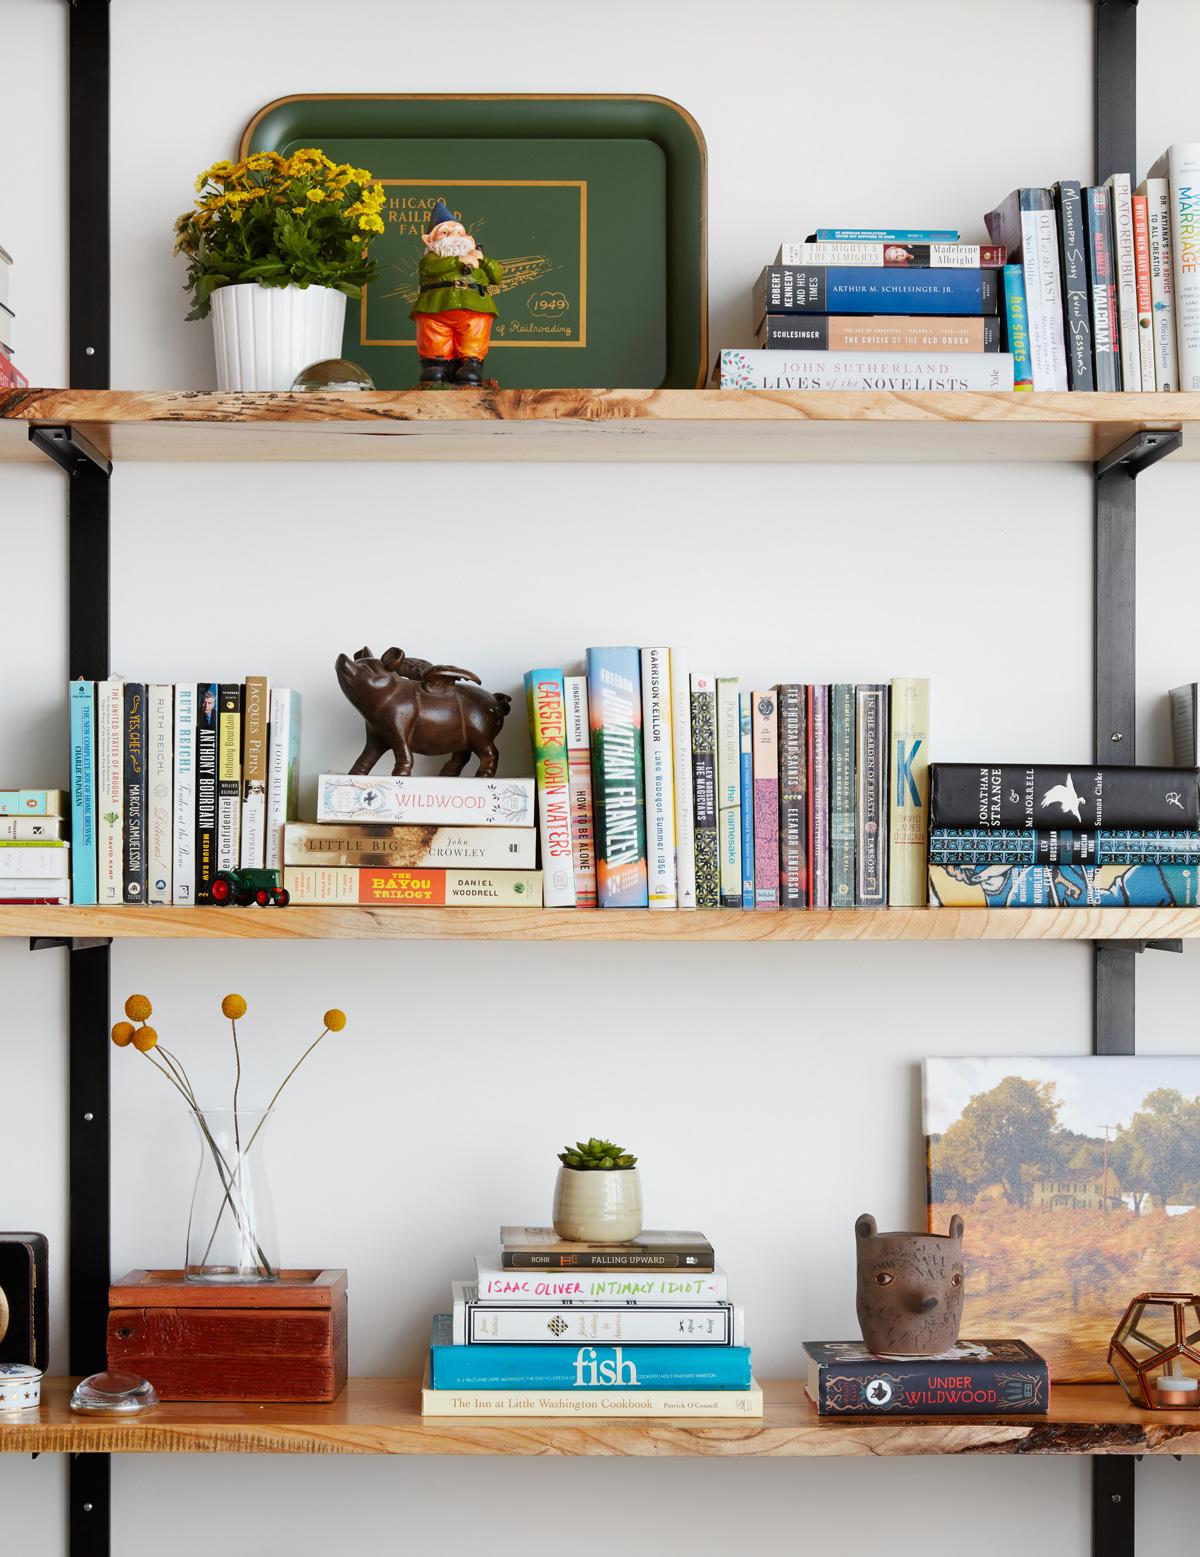 West Loop Project – Office Shelf Styling